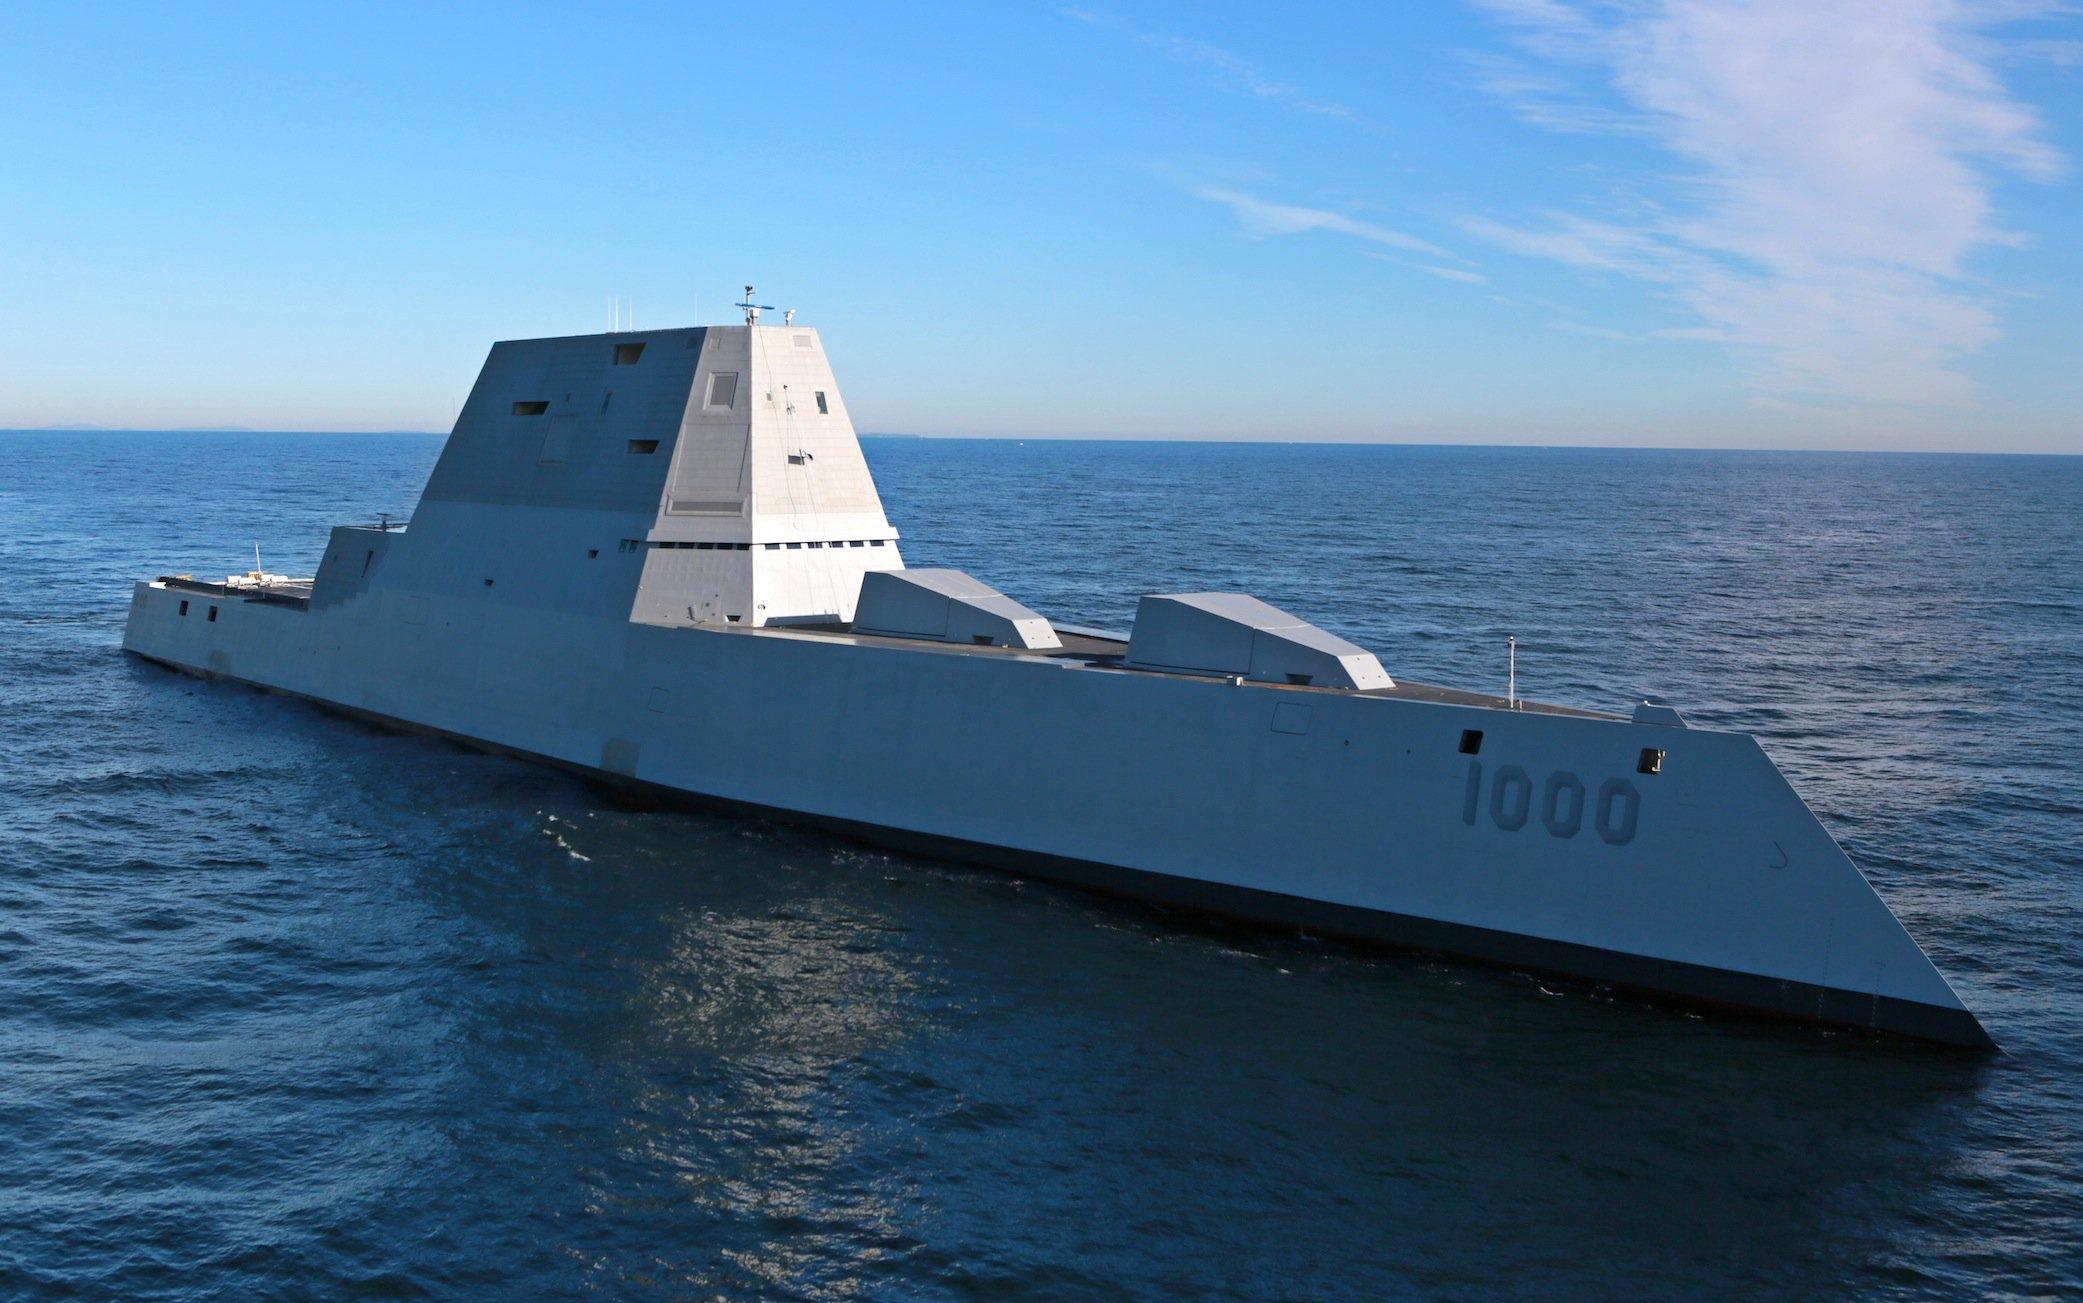 Der Zerstörer USS Zumwalt im Atlantik: Das Schiff soll auf dem Radar nur als kleines Fischerboot zu erkennen sein.